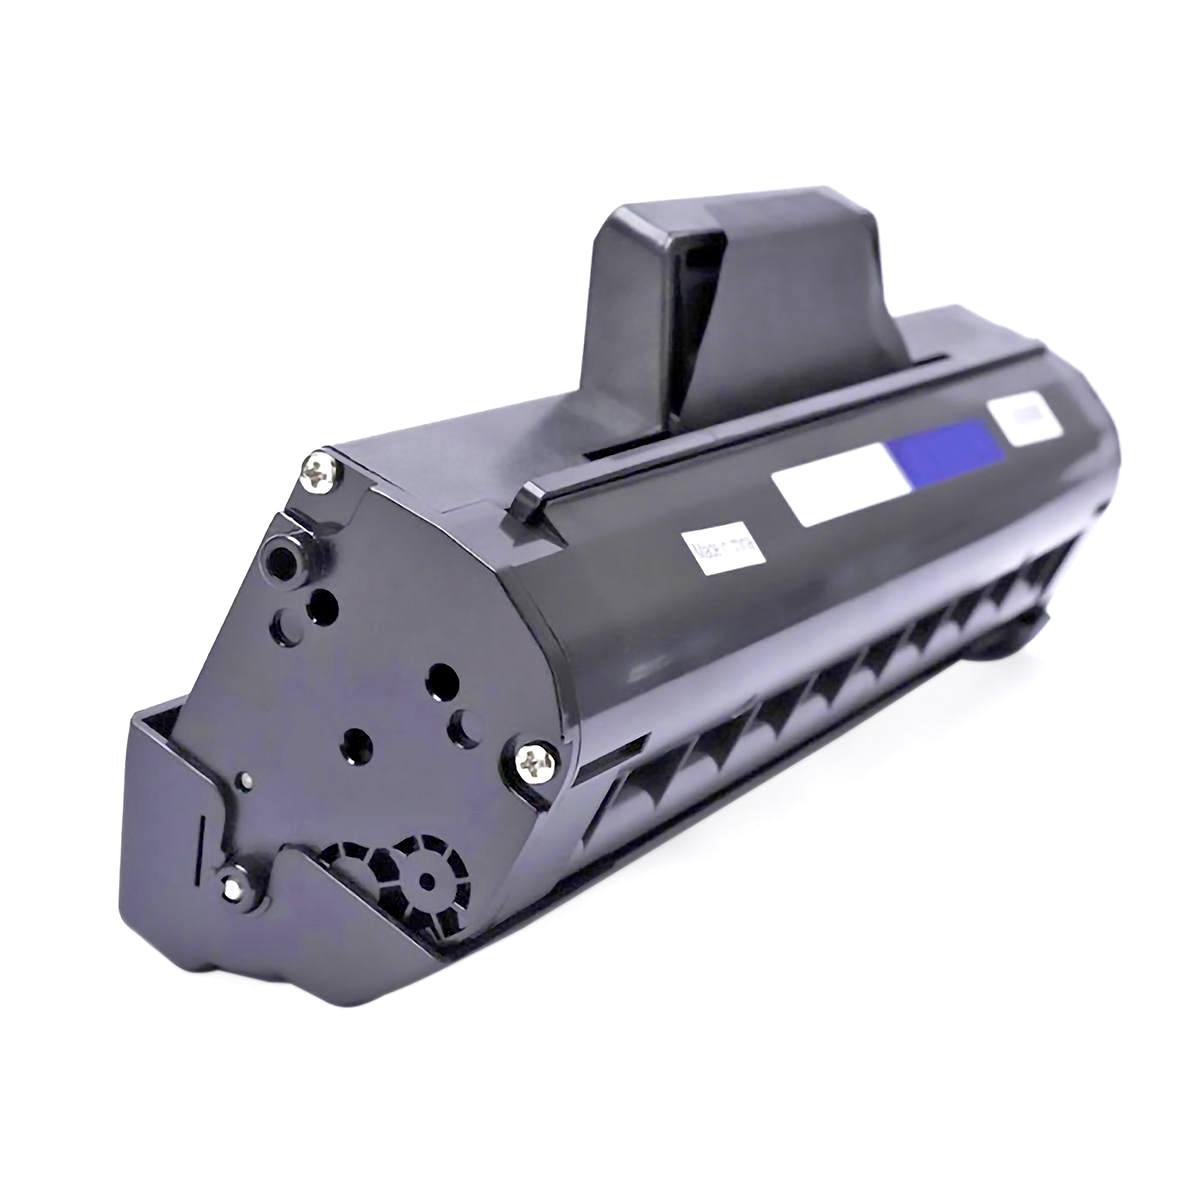 Compatível: Toner 105A W1105A para Impressora HP 107a 107w MFP 135a MFP 135w MFP 137fnw MFP 138fnw / Preto / 1.000